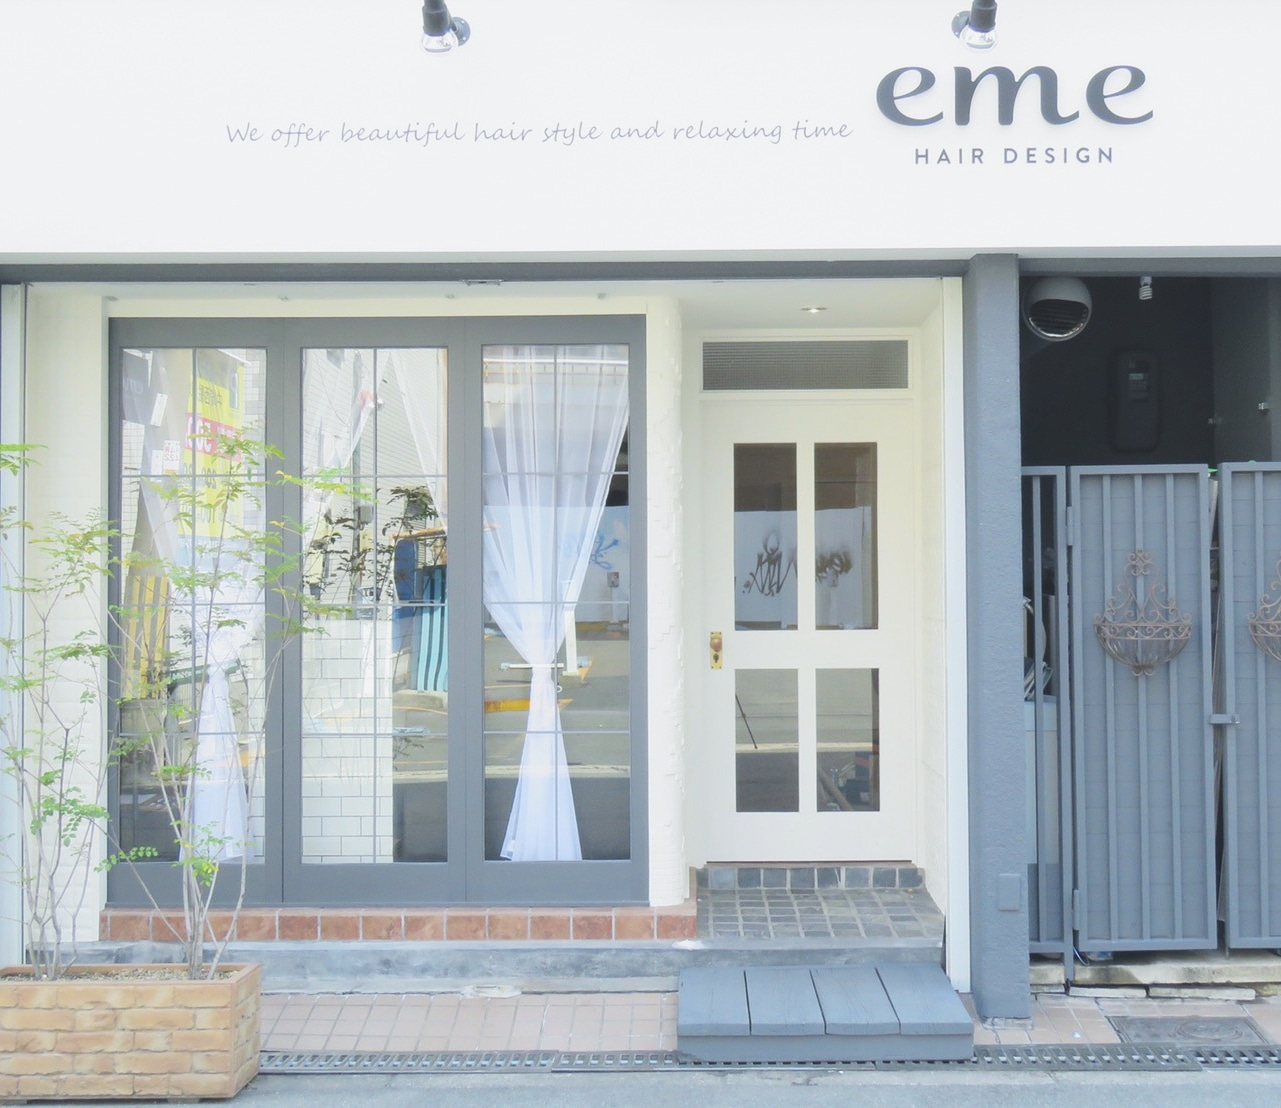 eme hair design 【エメ】